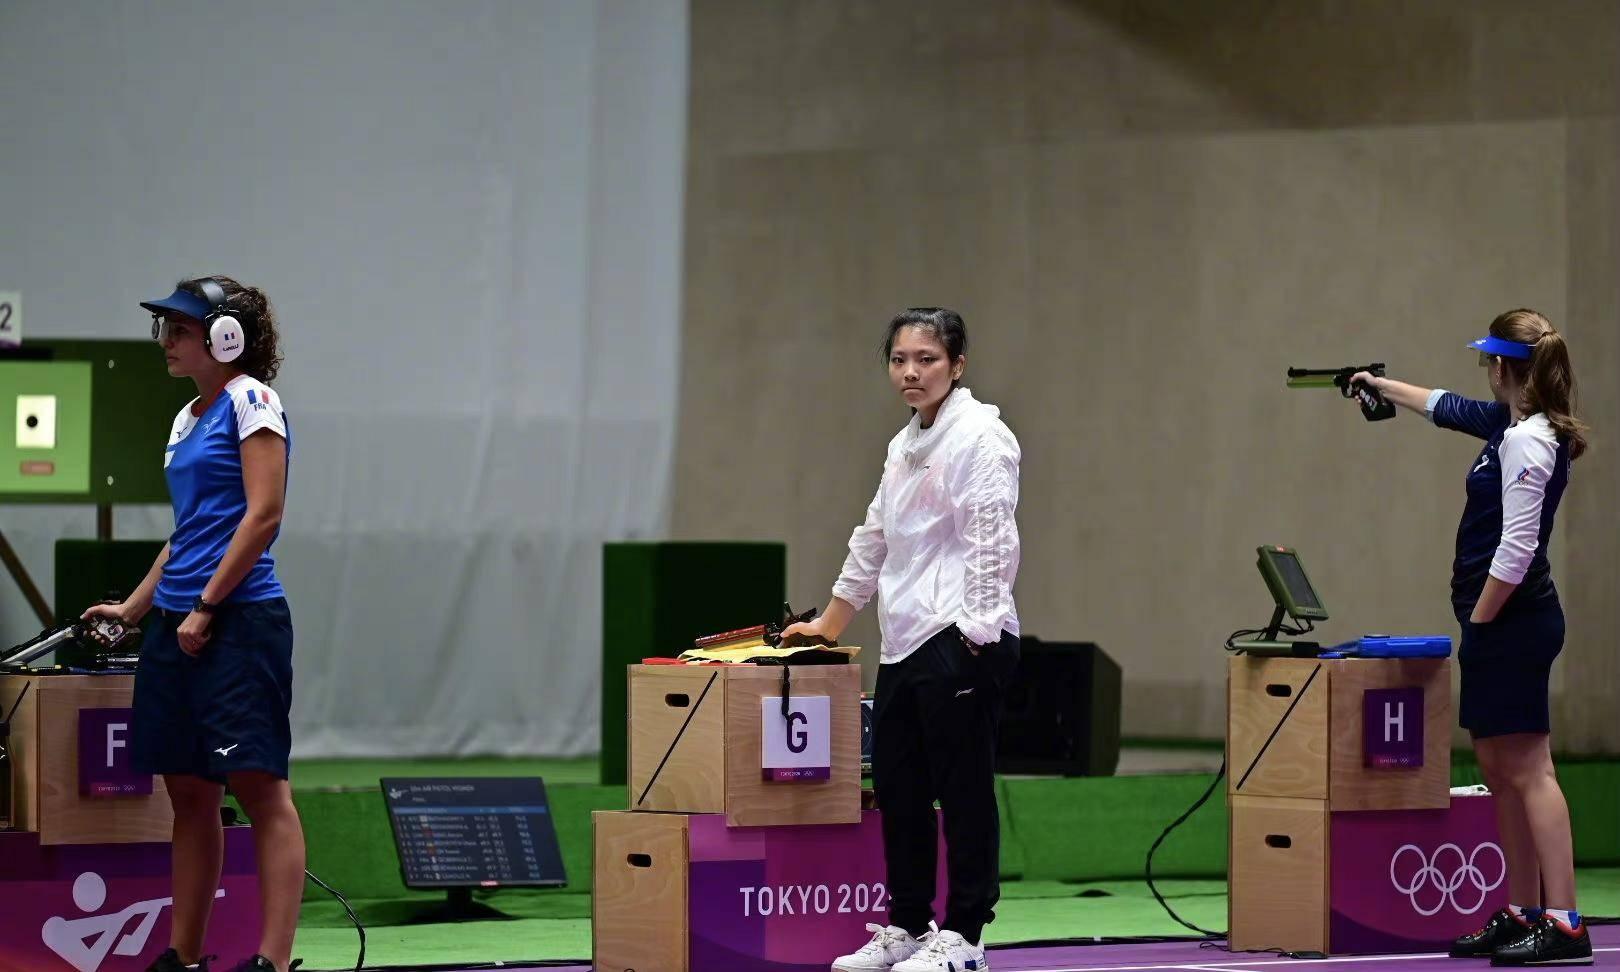 中国队00后再添一枚奖牌,姜冉馨摘铜,捍卫女子十米气手枪辉煌!_ag街机游戏